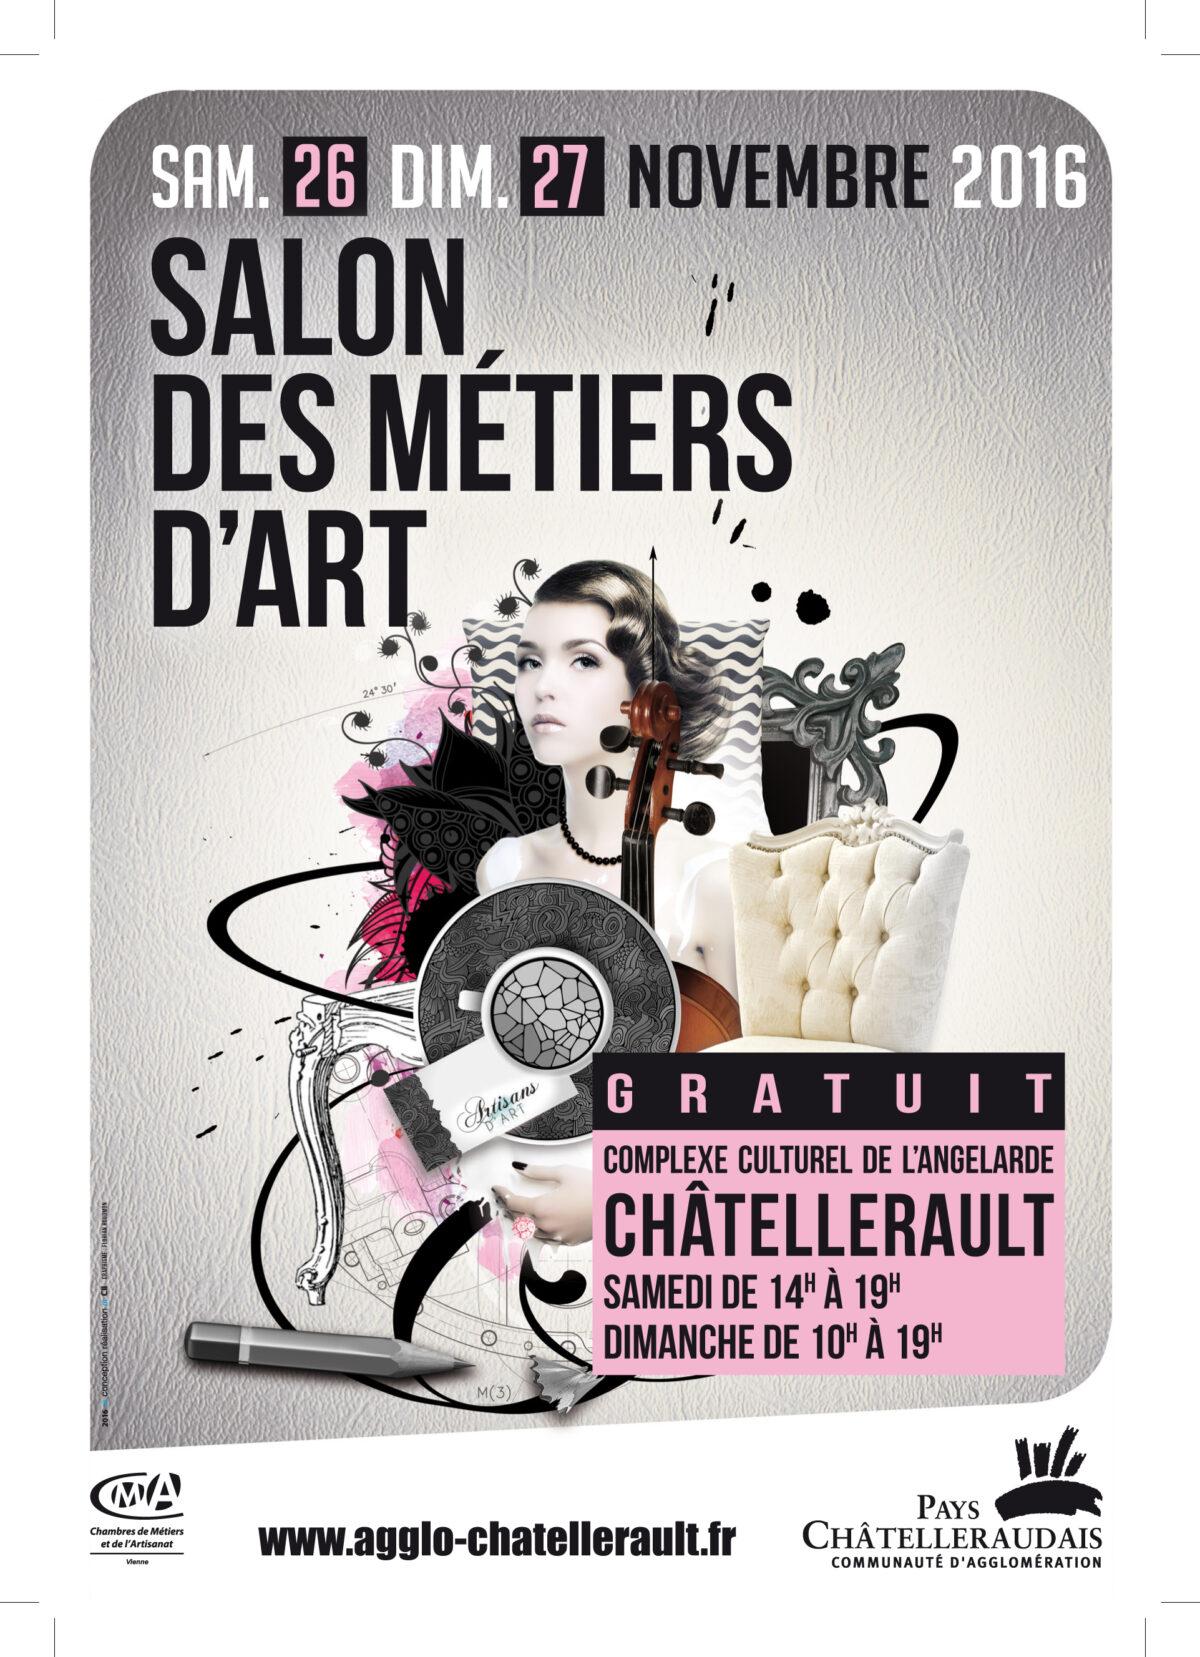 le salon des métiers d'art de Châtellerault